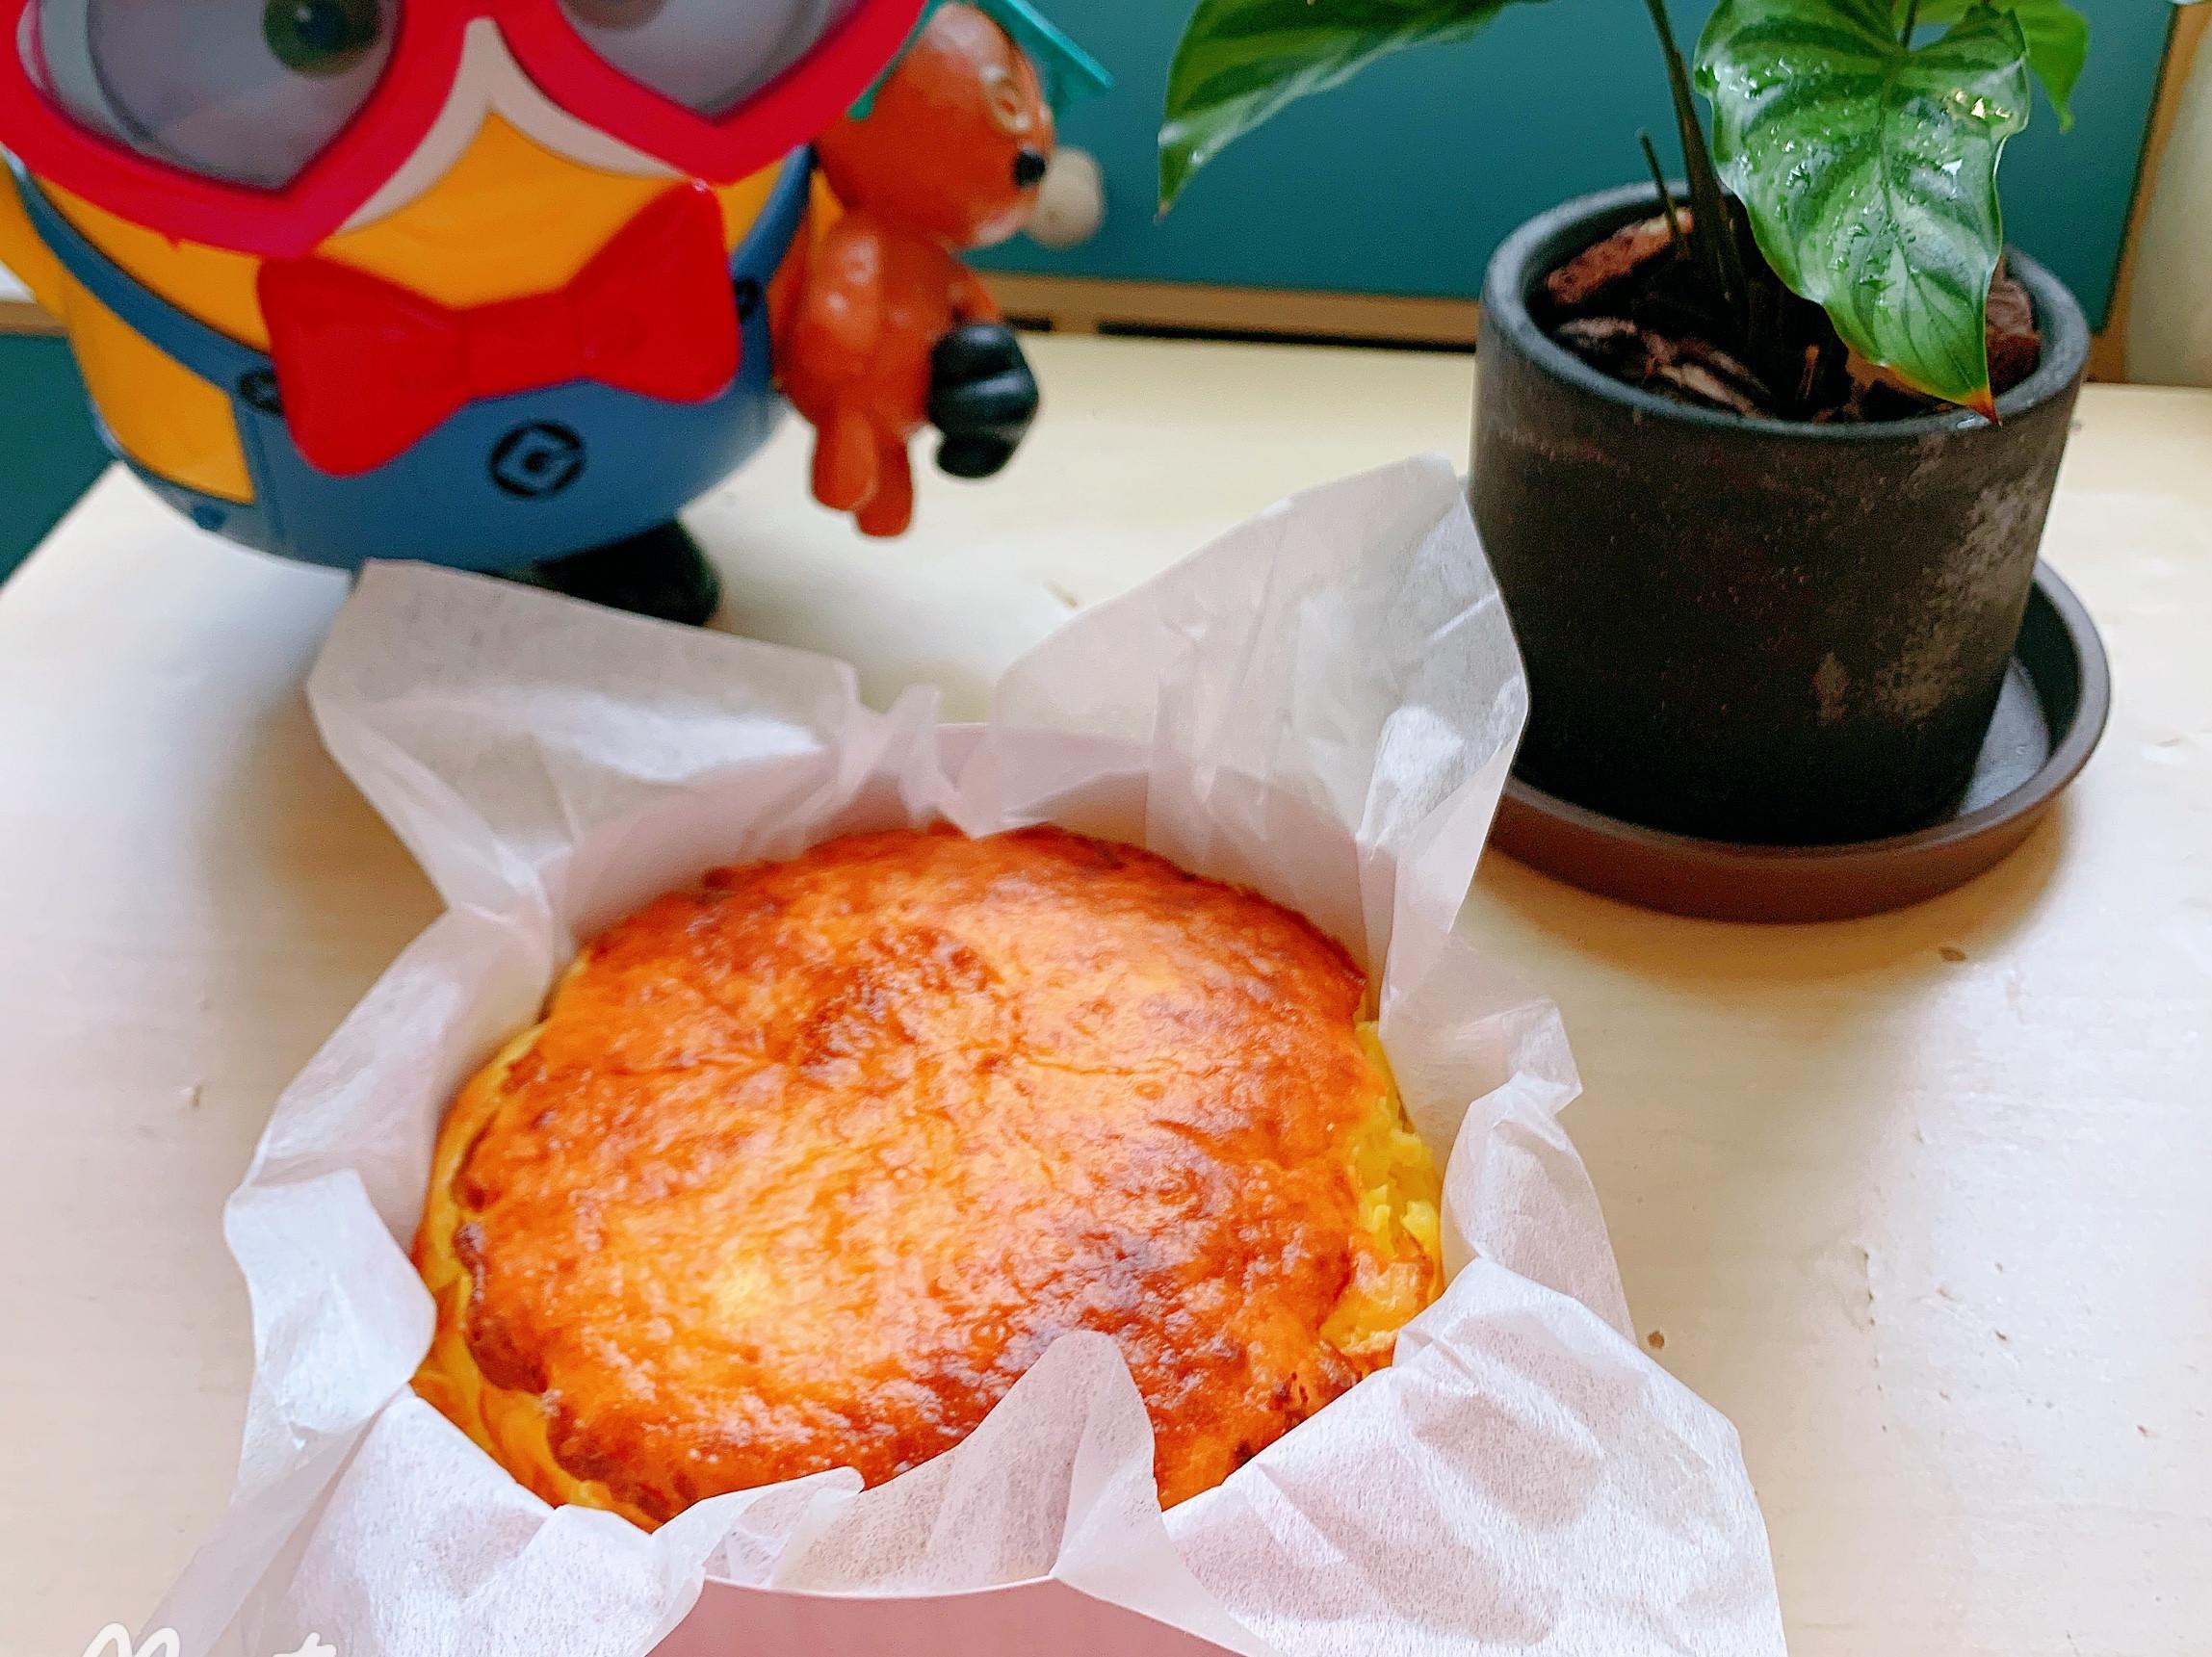 巴斯克乳酪蛋糕(原味)